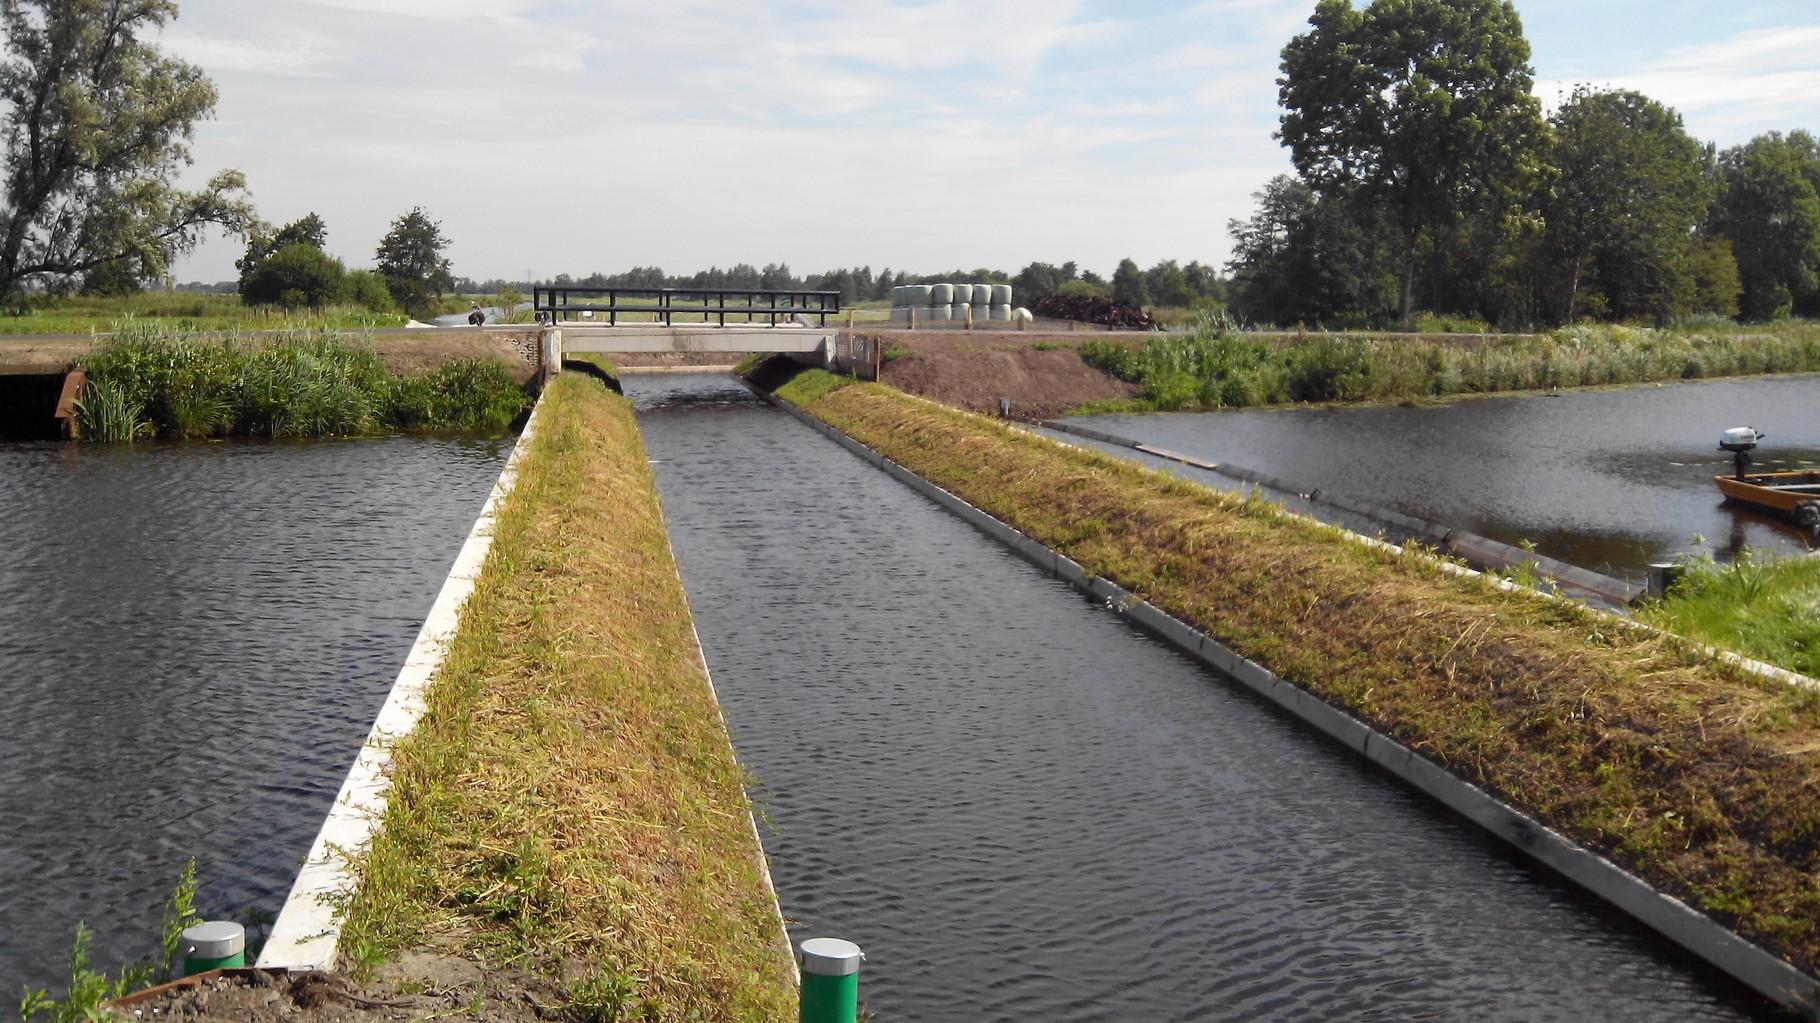 Eco-aquaduct